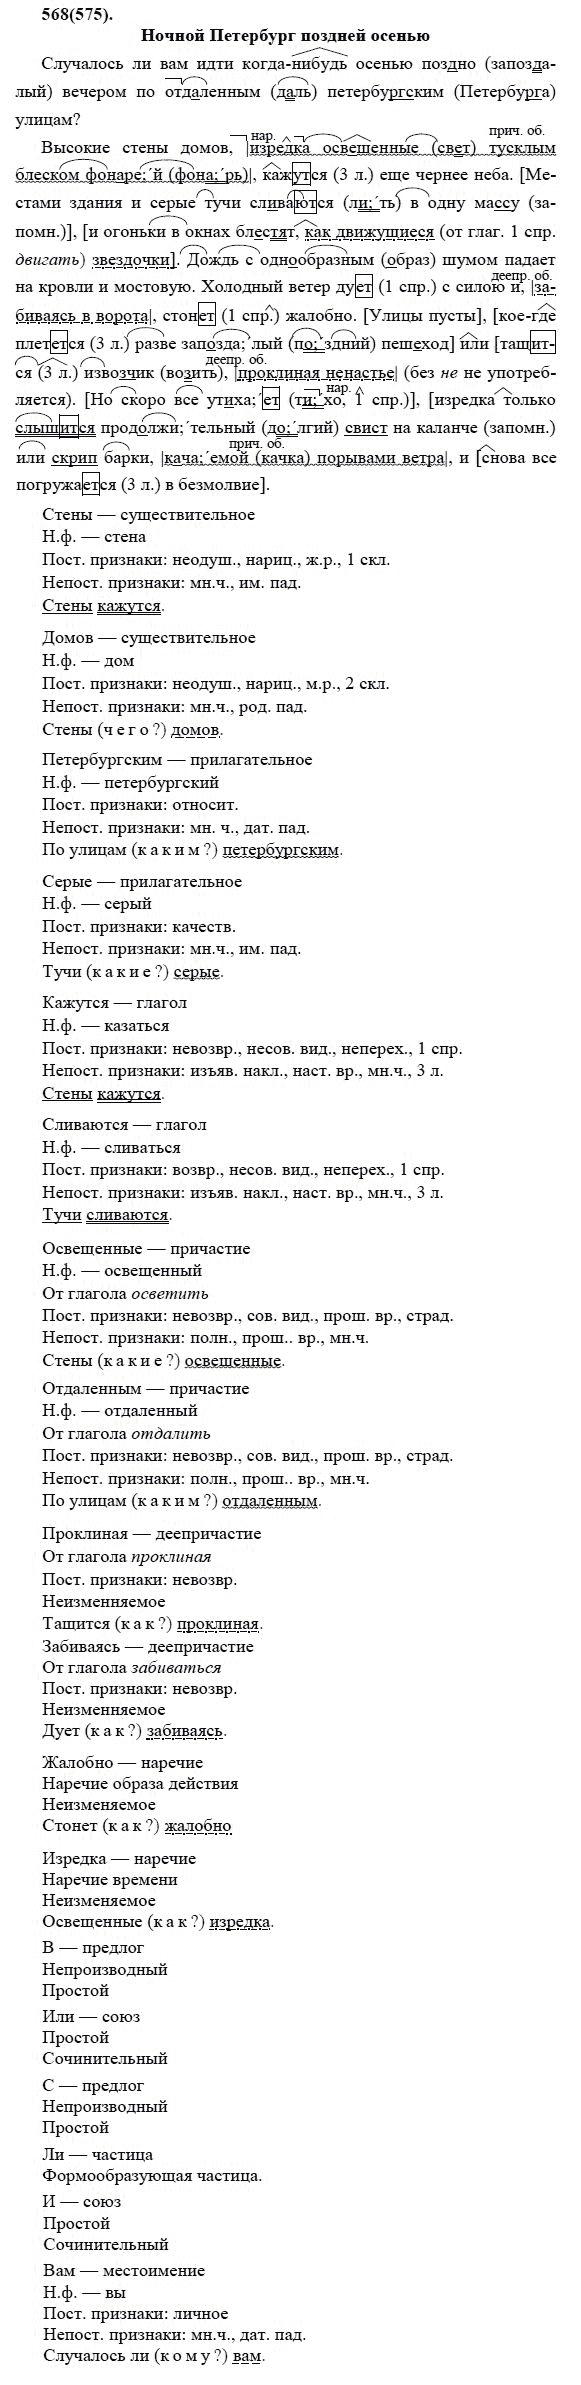 разумовская кл. гдз по русс.яз